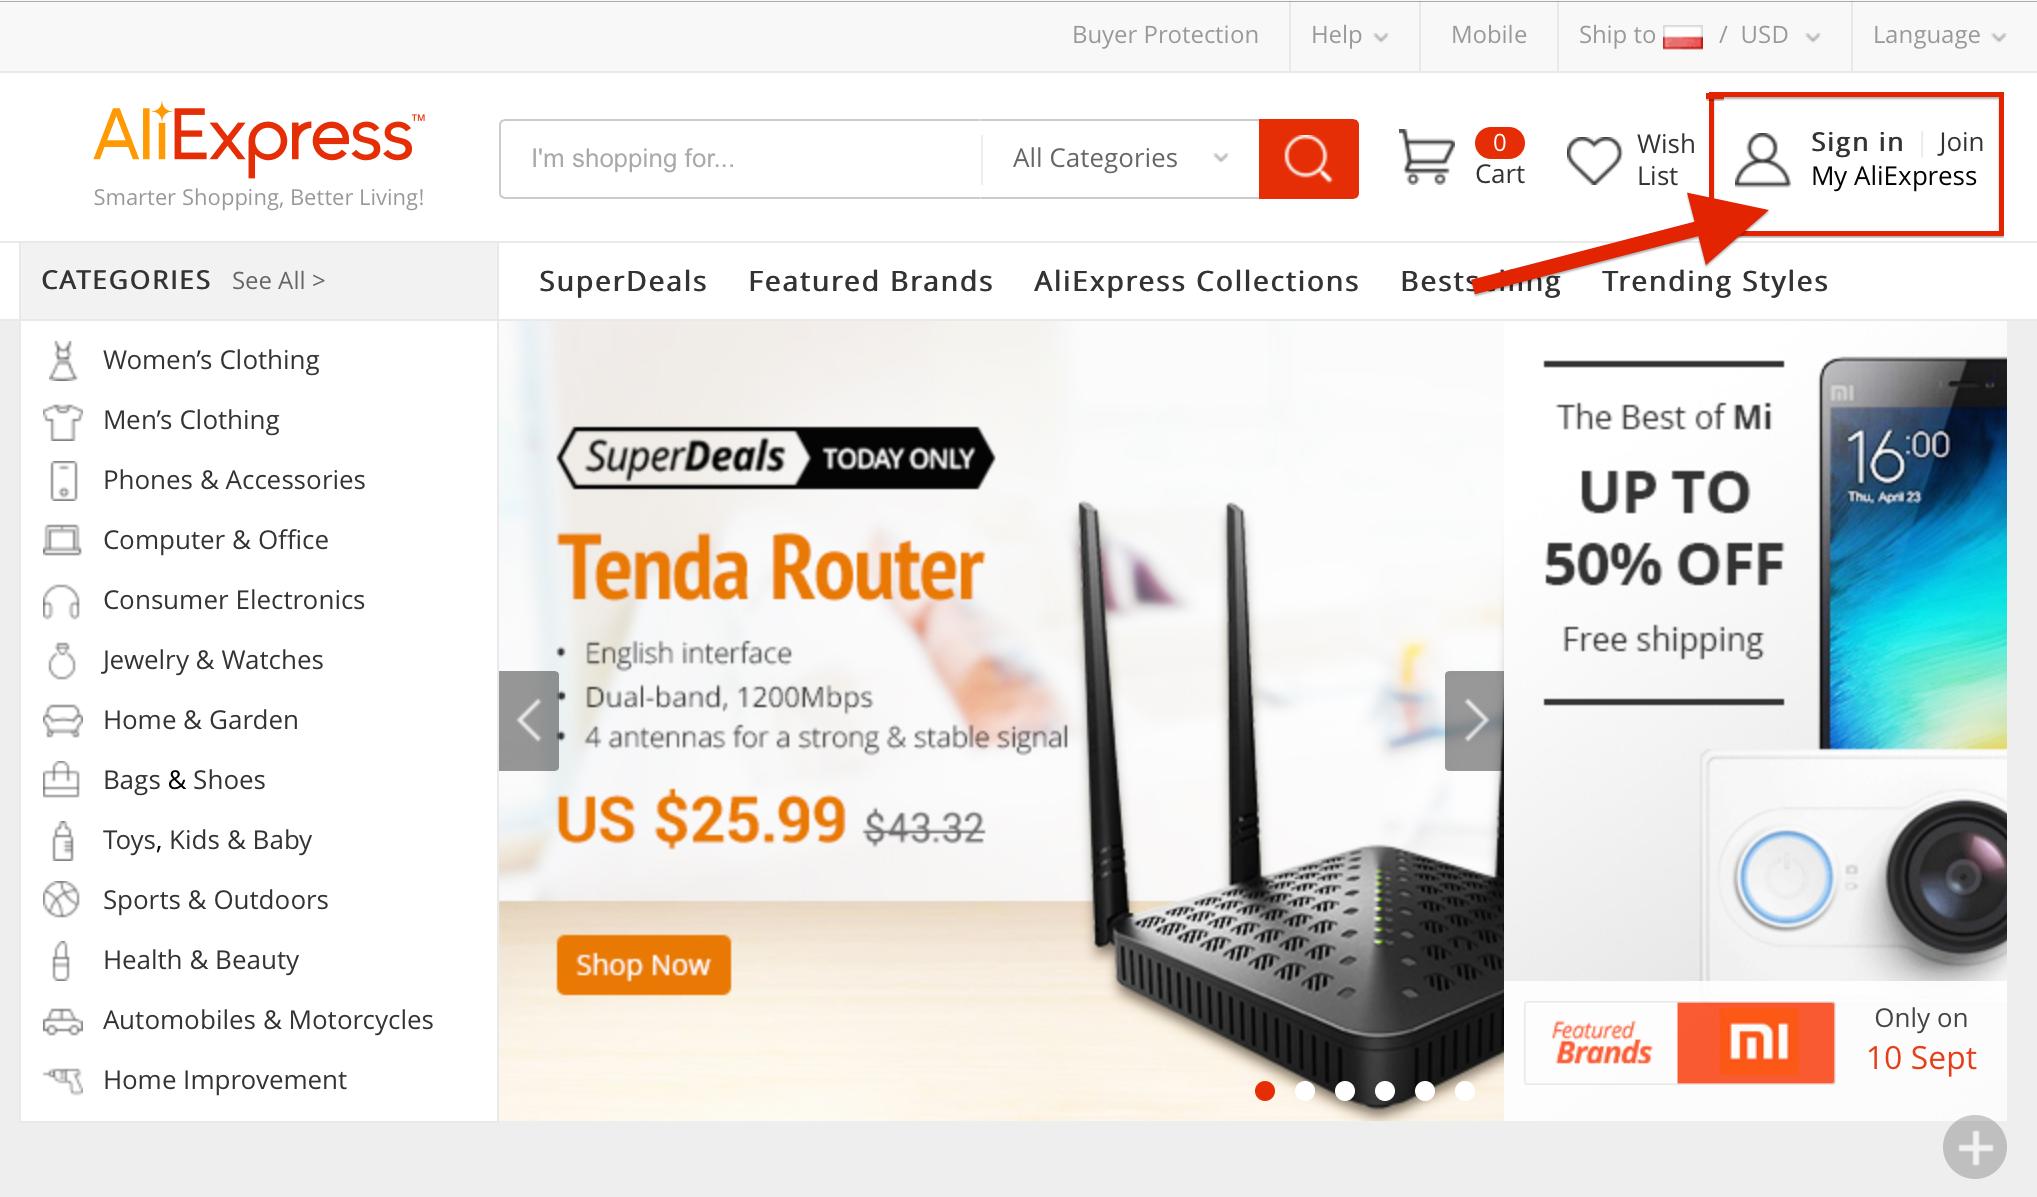 Zakupy z Chin: Jak kupować przez AliExpress? Proces rejestracji, zamówienia i płatności. | Everything AliExpress Blog